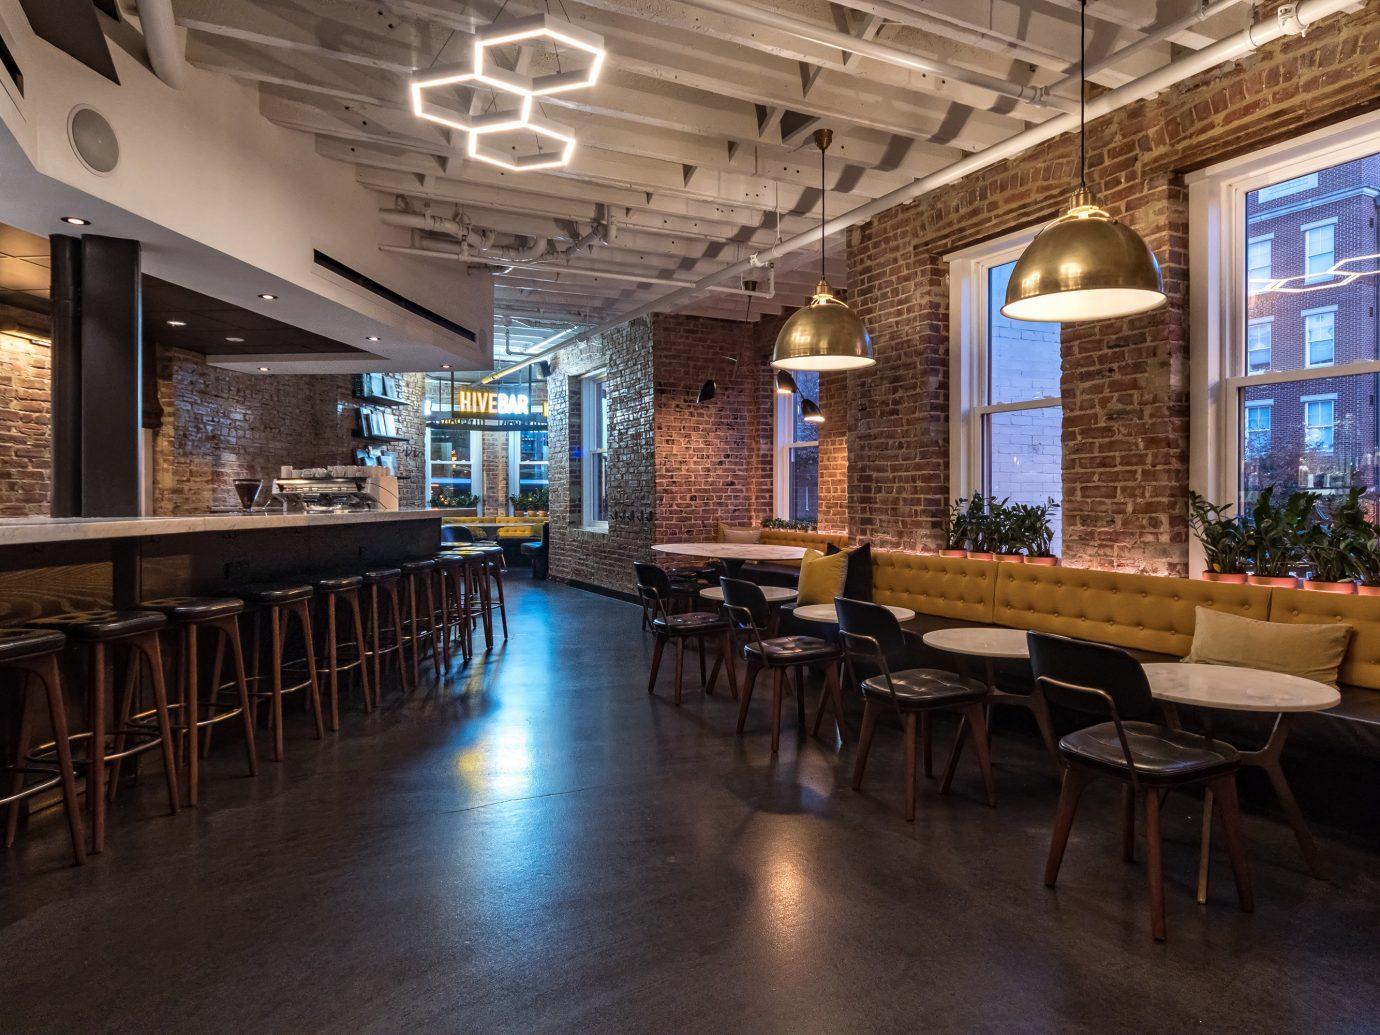 Boutique Hotels Hotels floor indoor table ceiling room restaurant interior design café Bar furniture wood several dining room